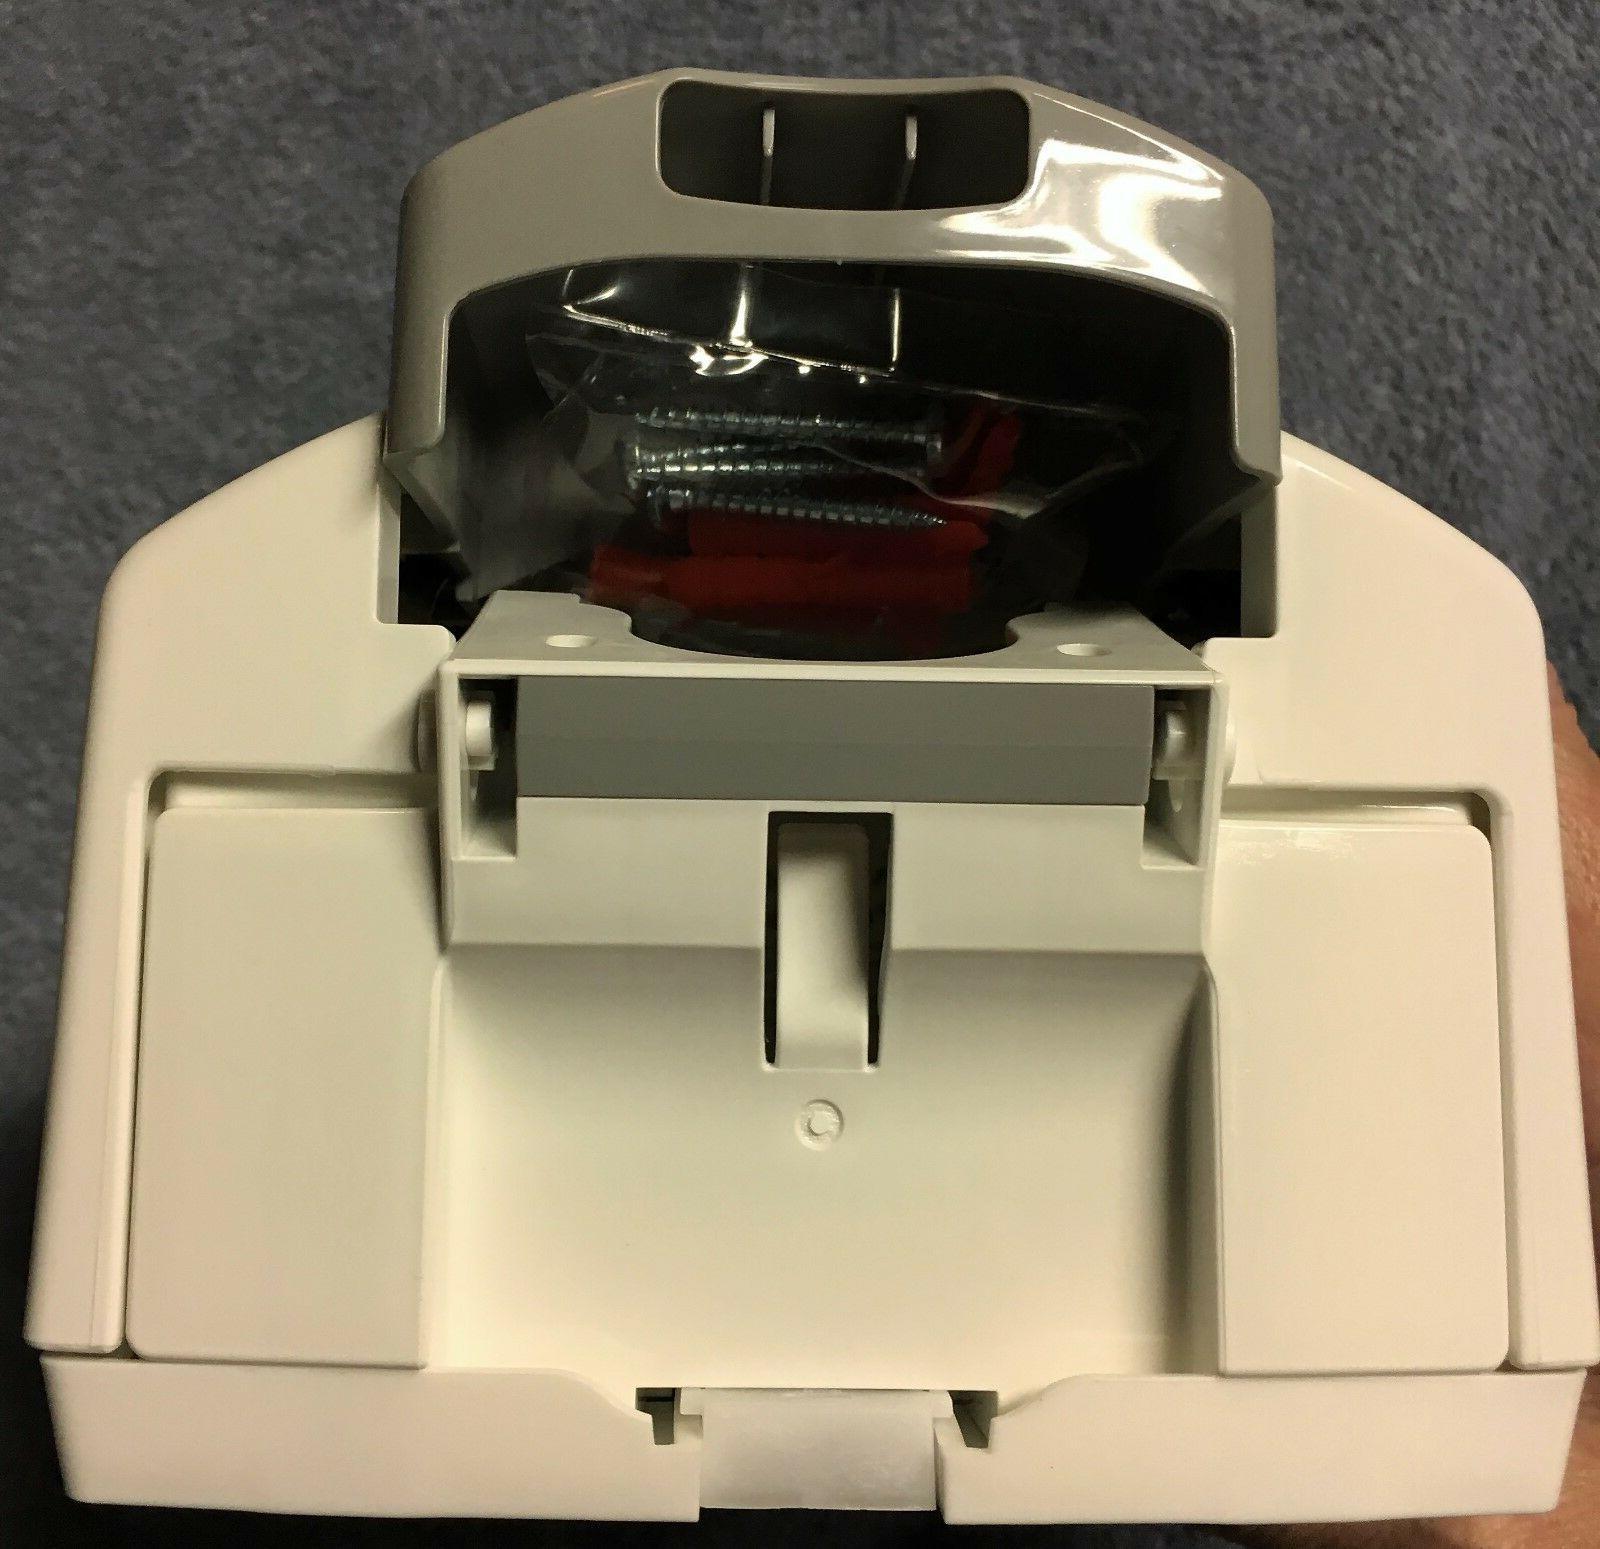 Commercial Hand Sanitizer 800ml Dispenser